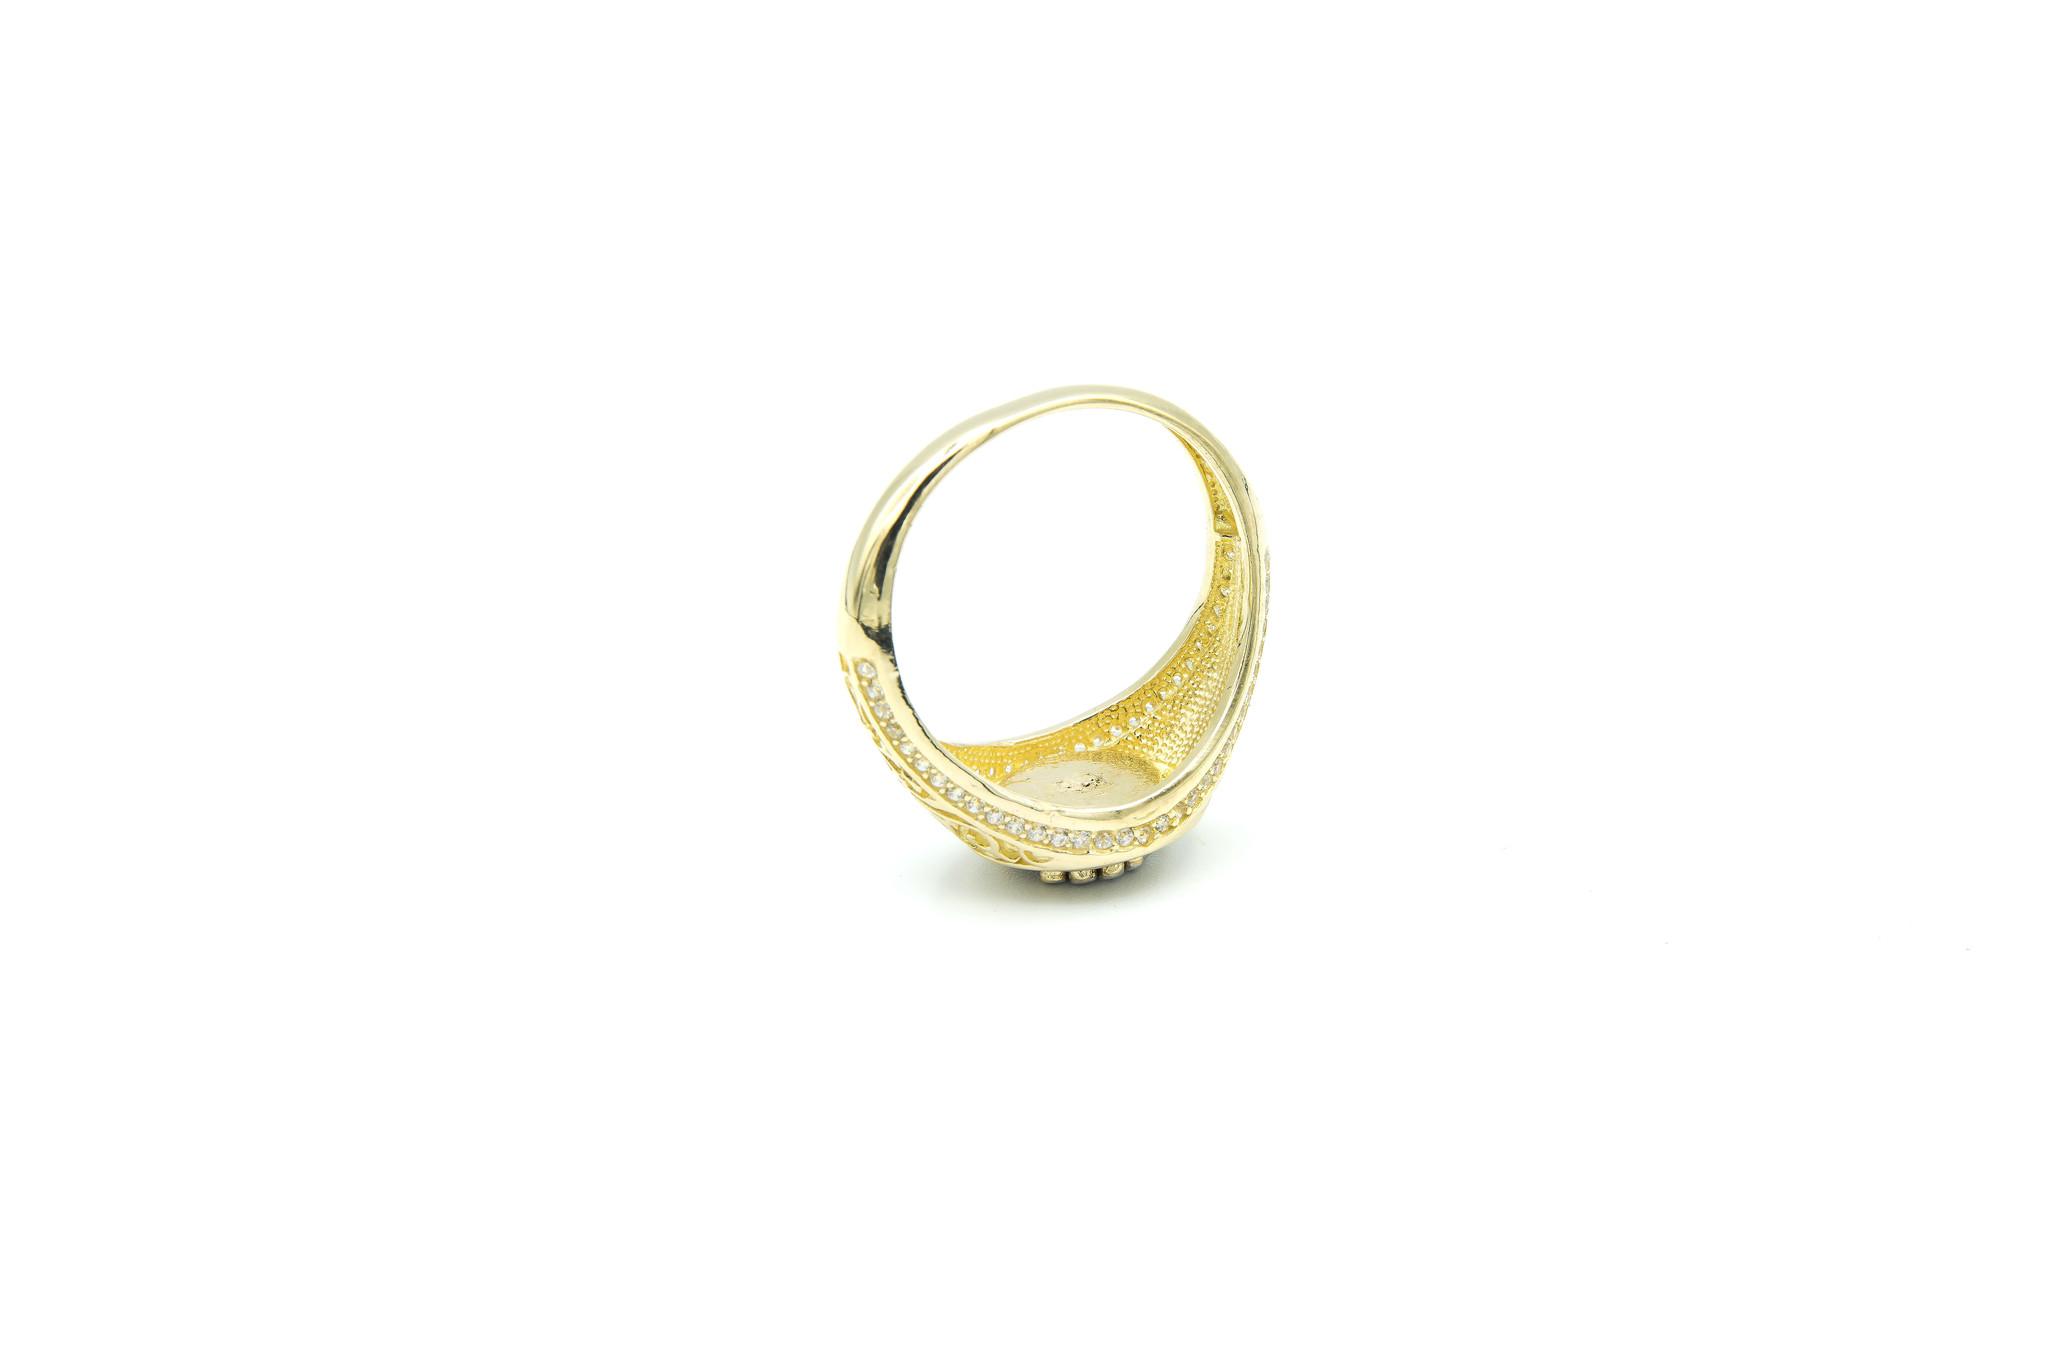 Ring kroontje op ronde zwarte achtergrond en zirkonia's op randen-6